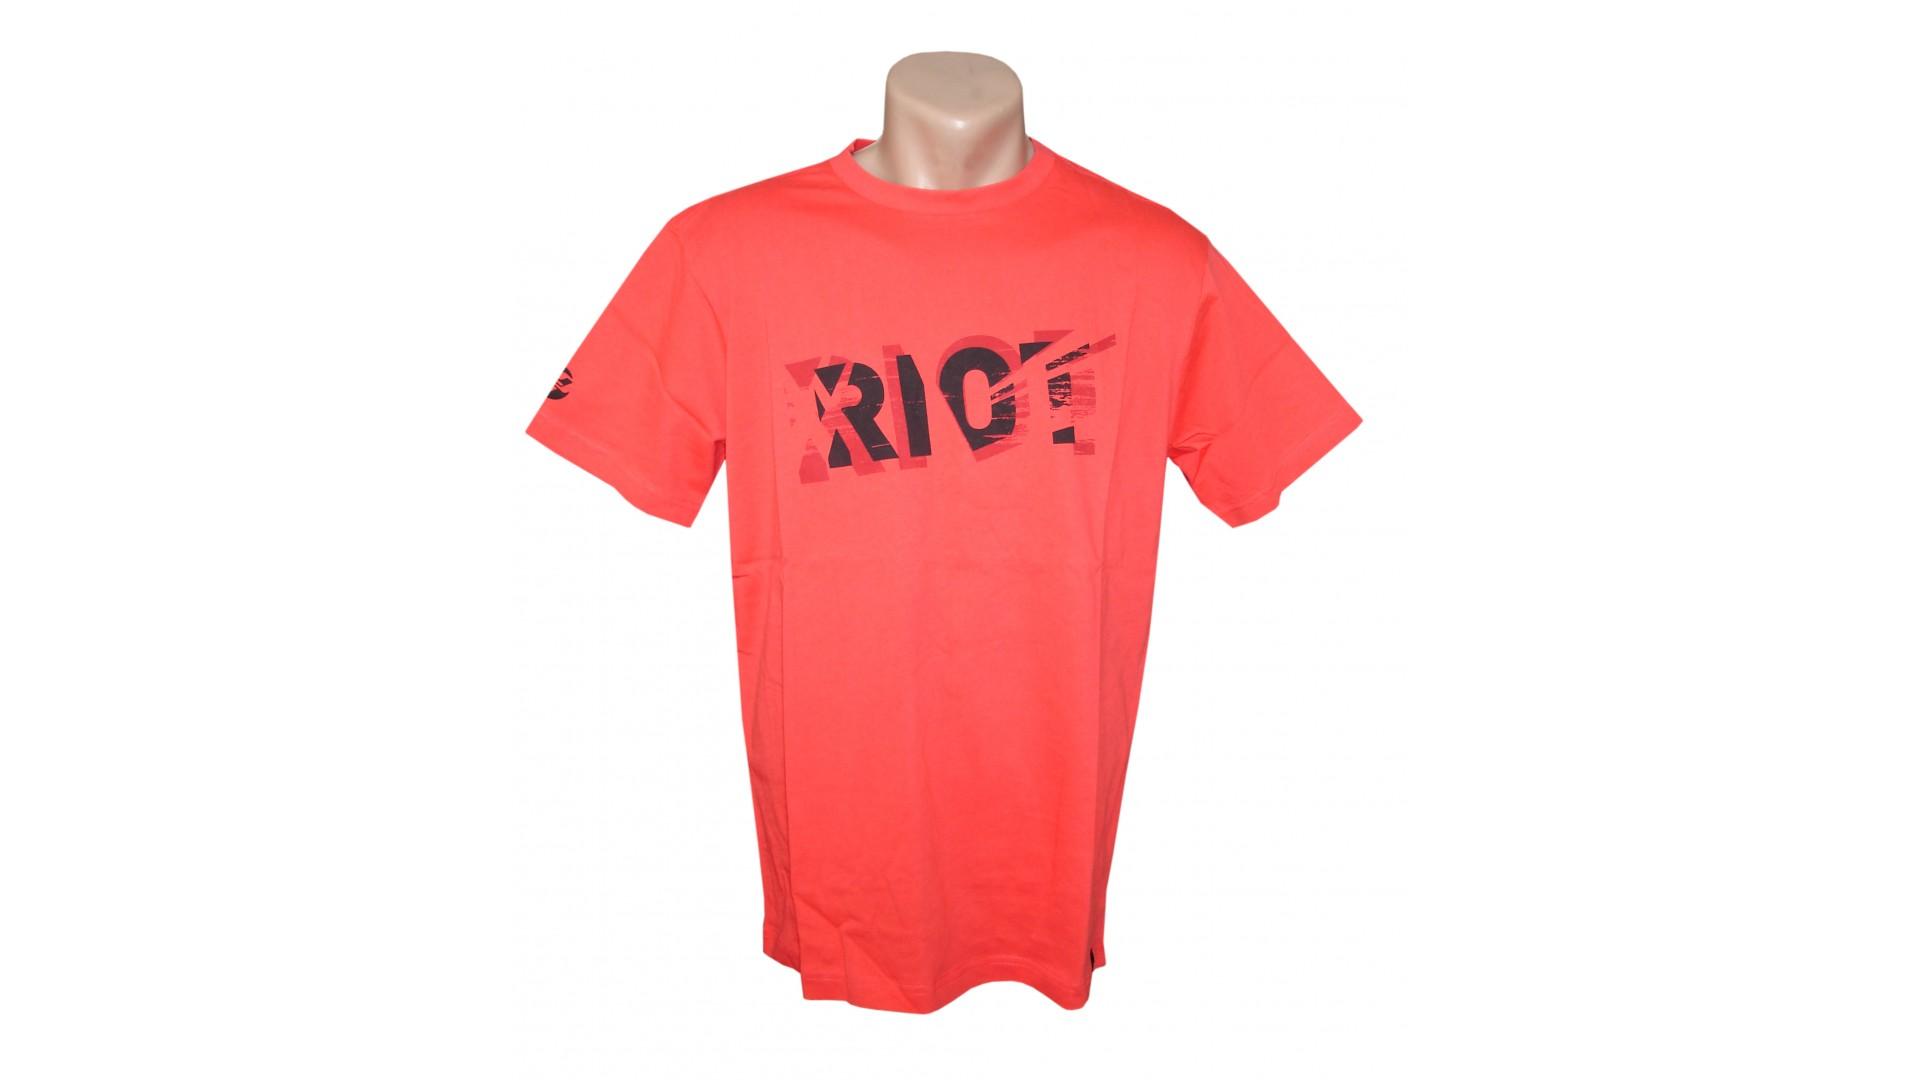 Футболка Ghost T-shirt RIOT red год 2016 вид спереди